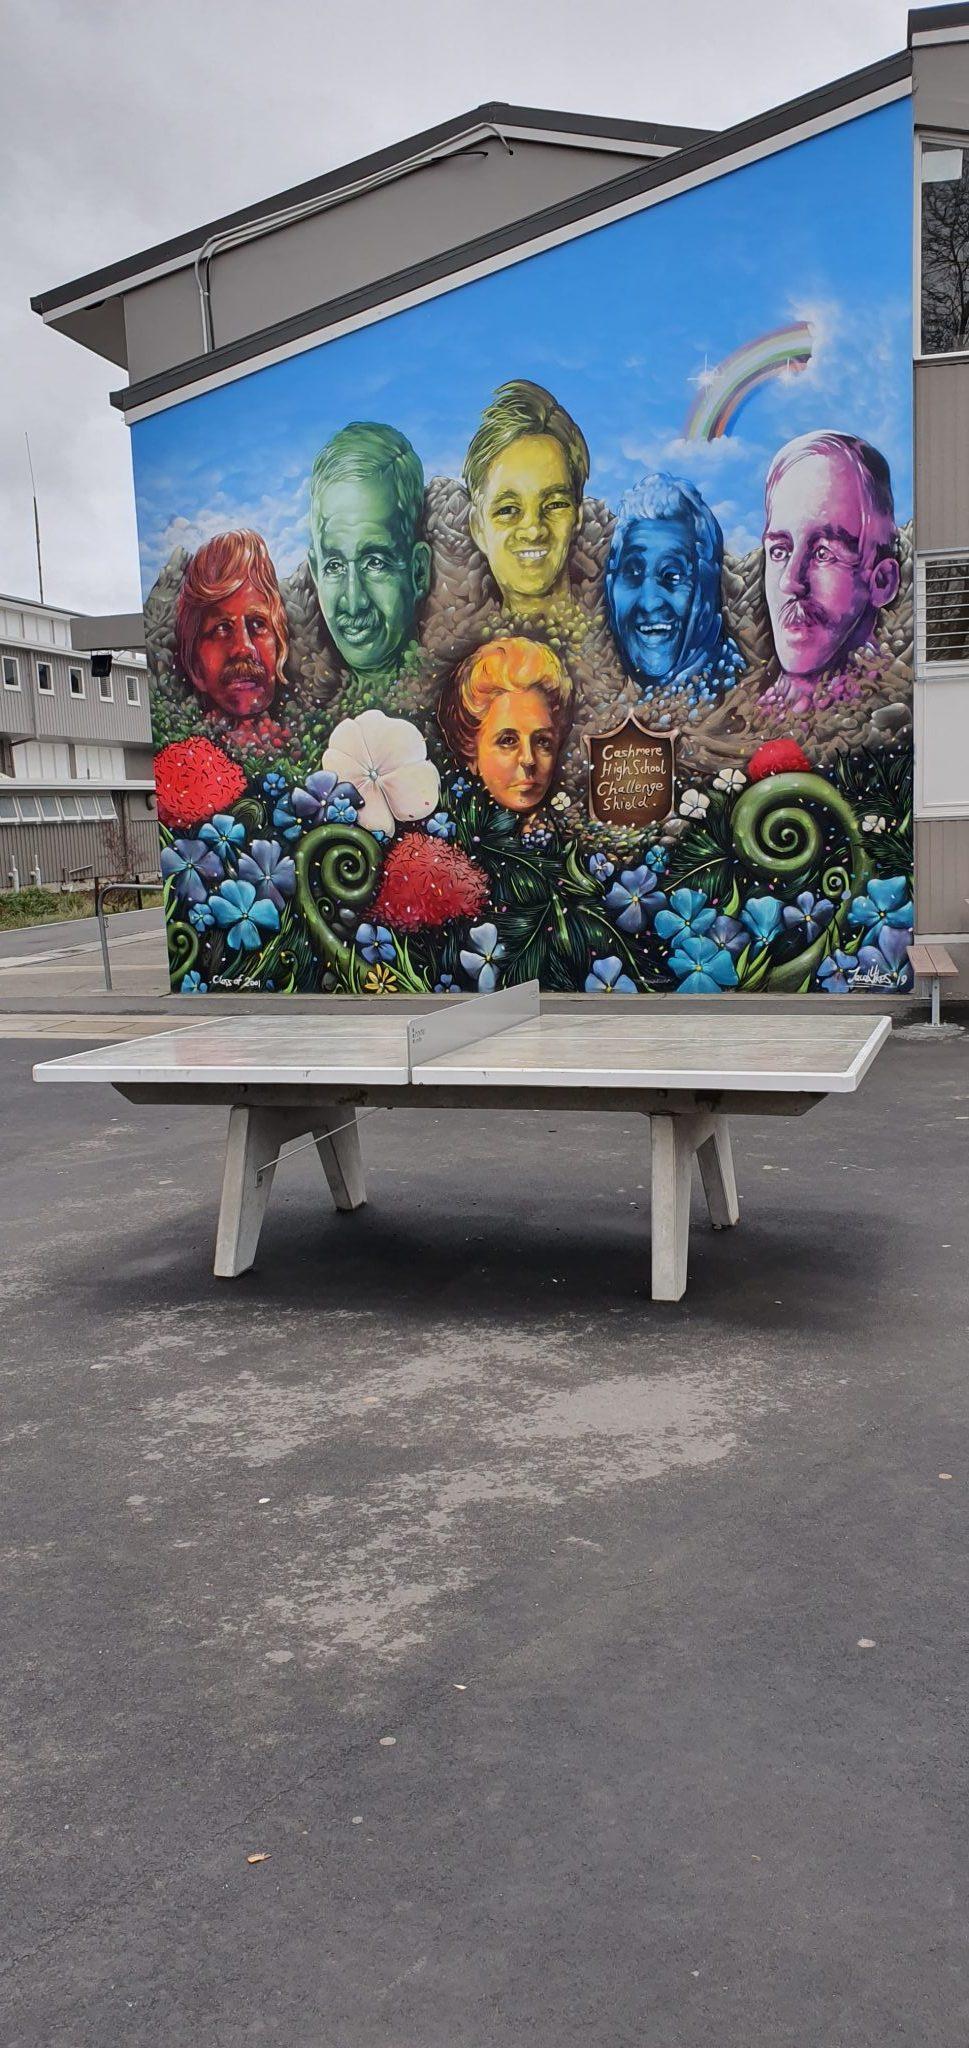 https://www.urbaneffects.co.nz/wp-content/uploads/2016/03/Cashmere-High-School-Chch-Woodlands-benches-tables-TTT-5-e1569385053975.jpg